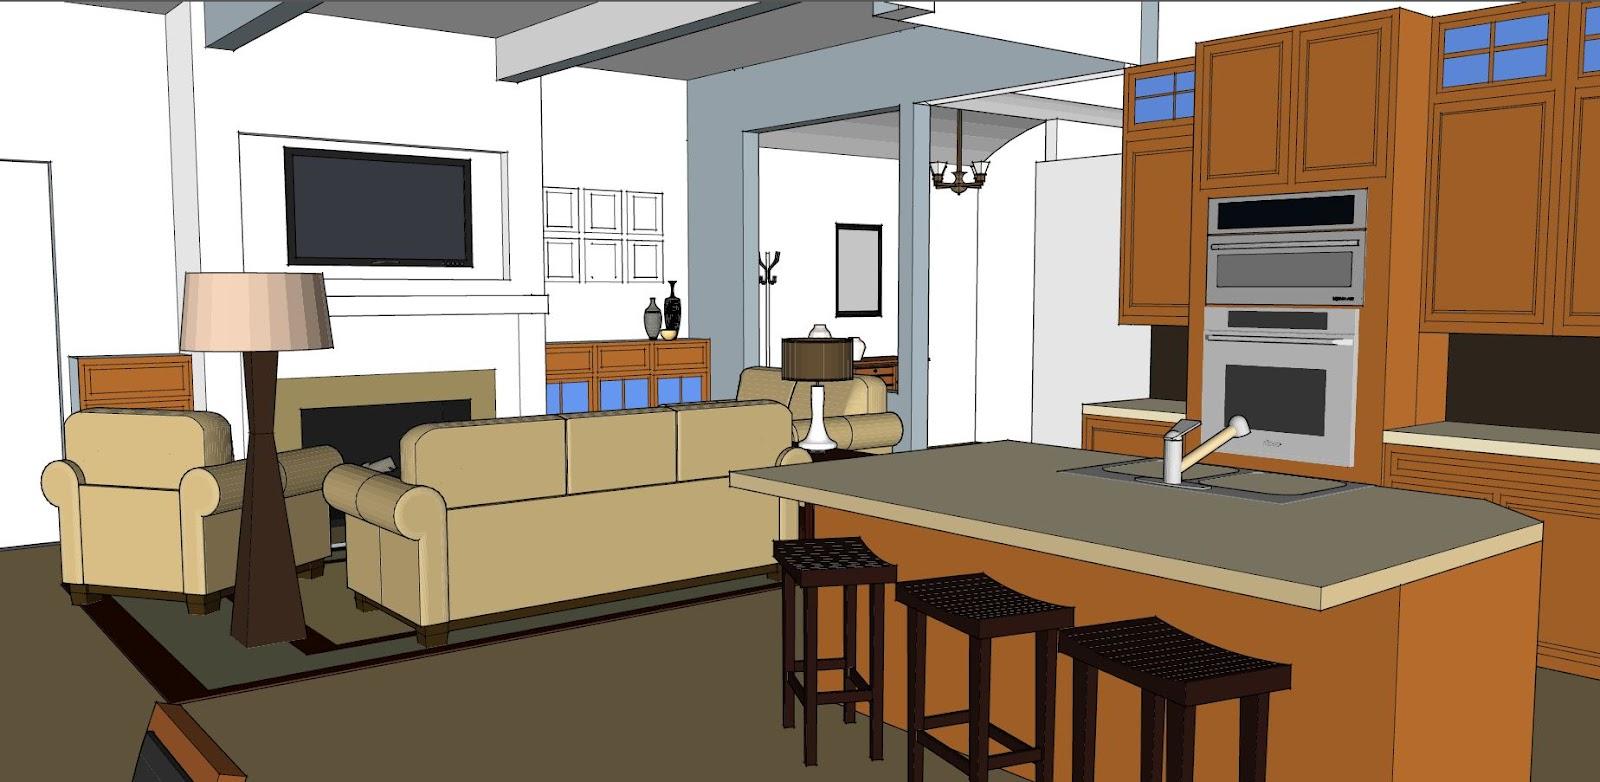 Giới thiệu mô hình 3D trong thiết kế nội thất